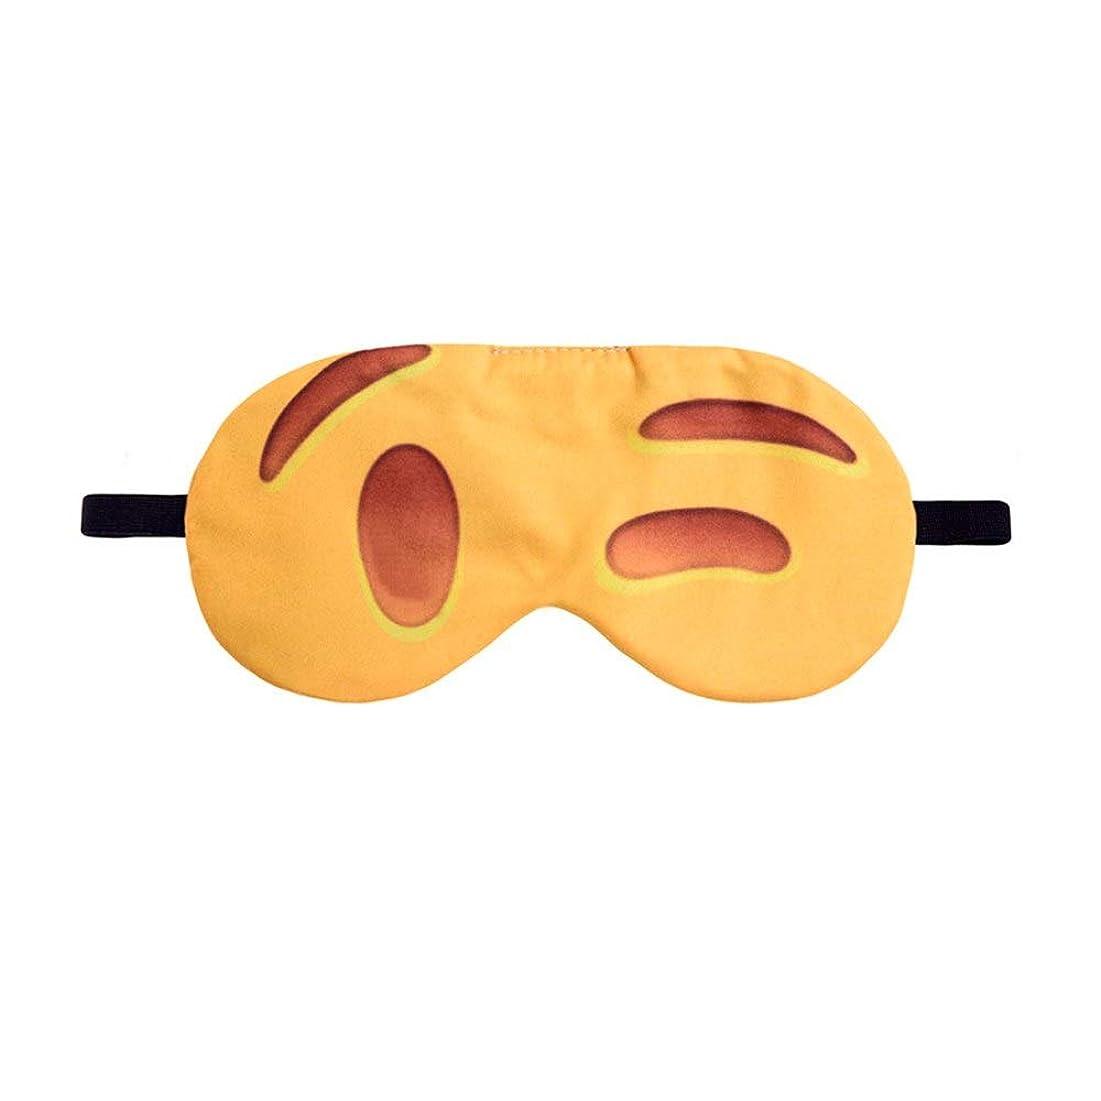 同志代理店外観NOTE かわいい絵文字パターン旅行睡眠アイシェード睡眠マスクカバーソフト睡眠マスククリエイティブ3dプリント絵文字エクスプレスブラインドツール